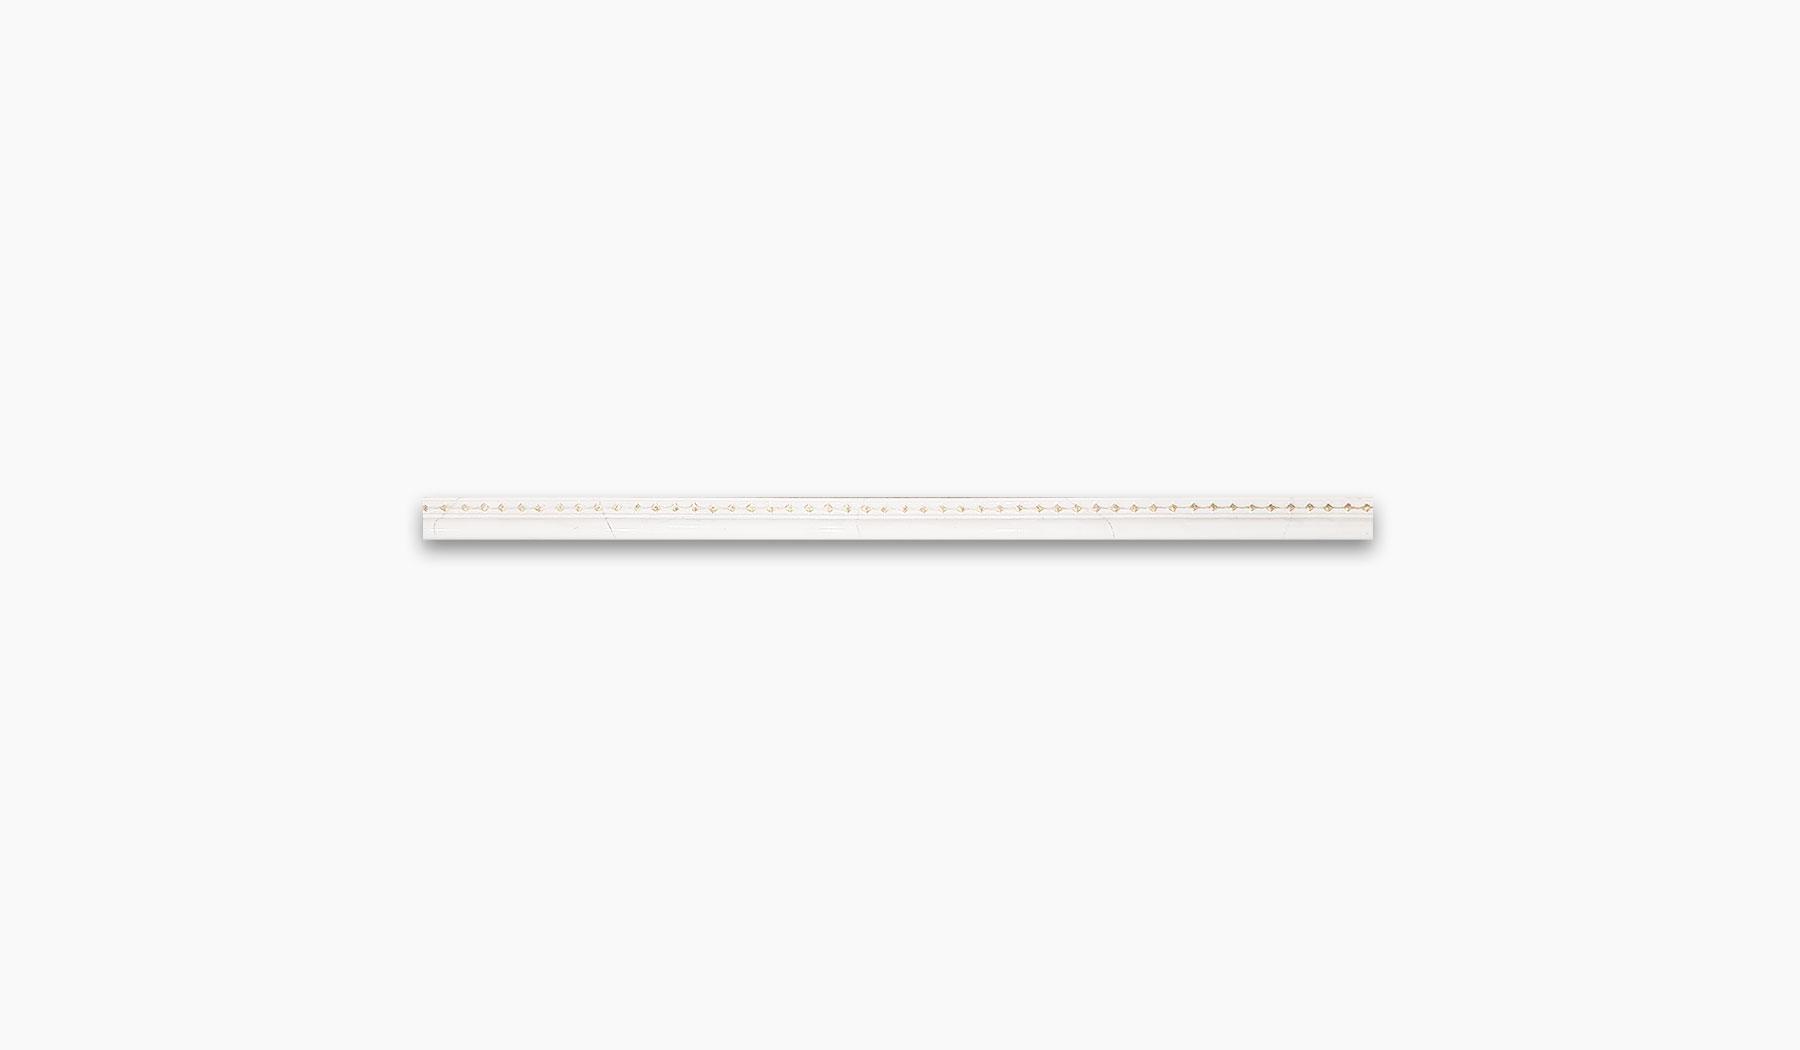 کاشی و سرامیک بوم سرامیک ، دکوراتیو نوار کالیما سفید سایز 2*90 لعاب براق پانچ با زمینه سنگ